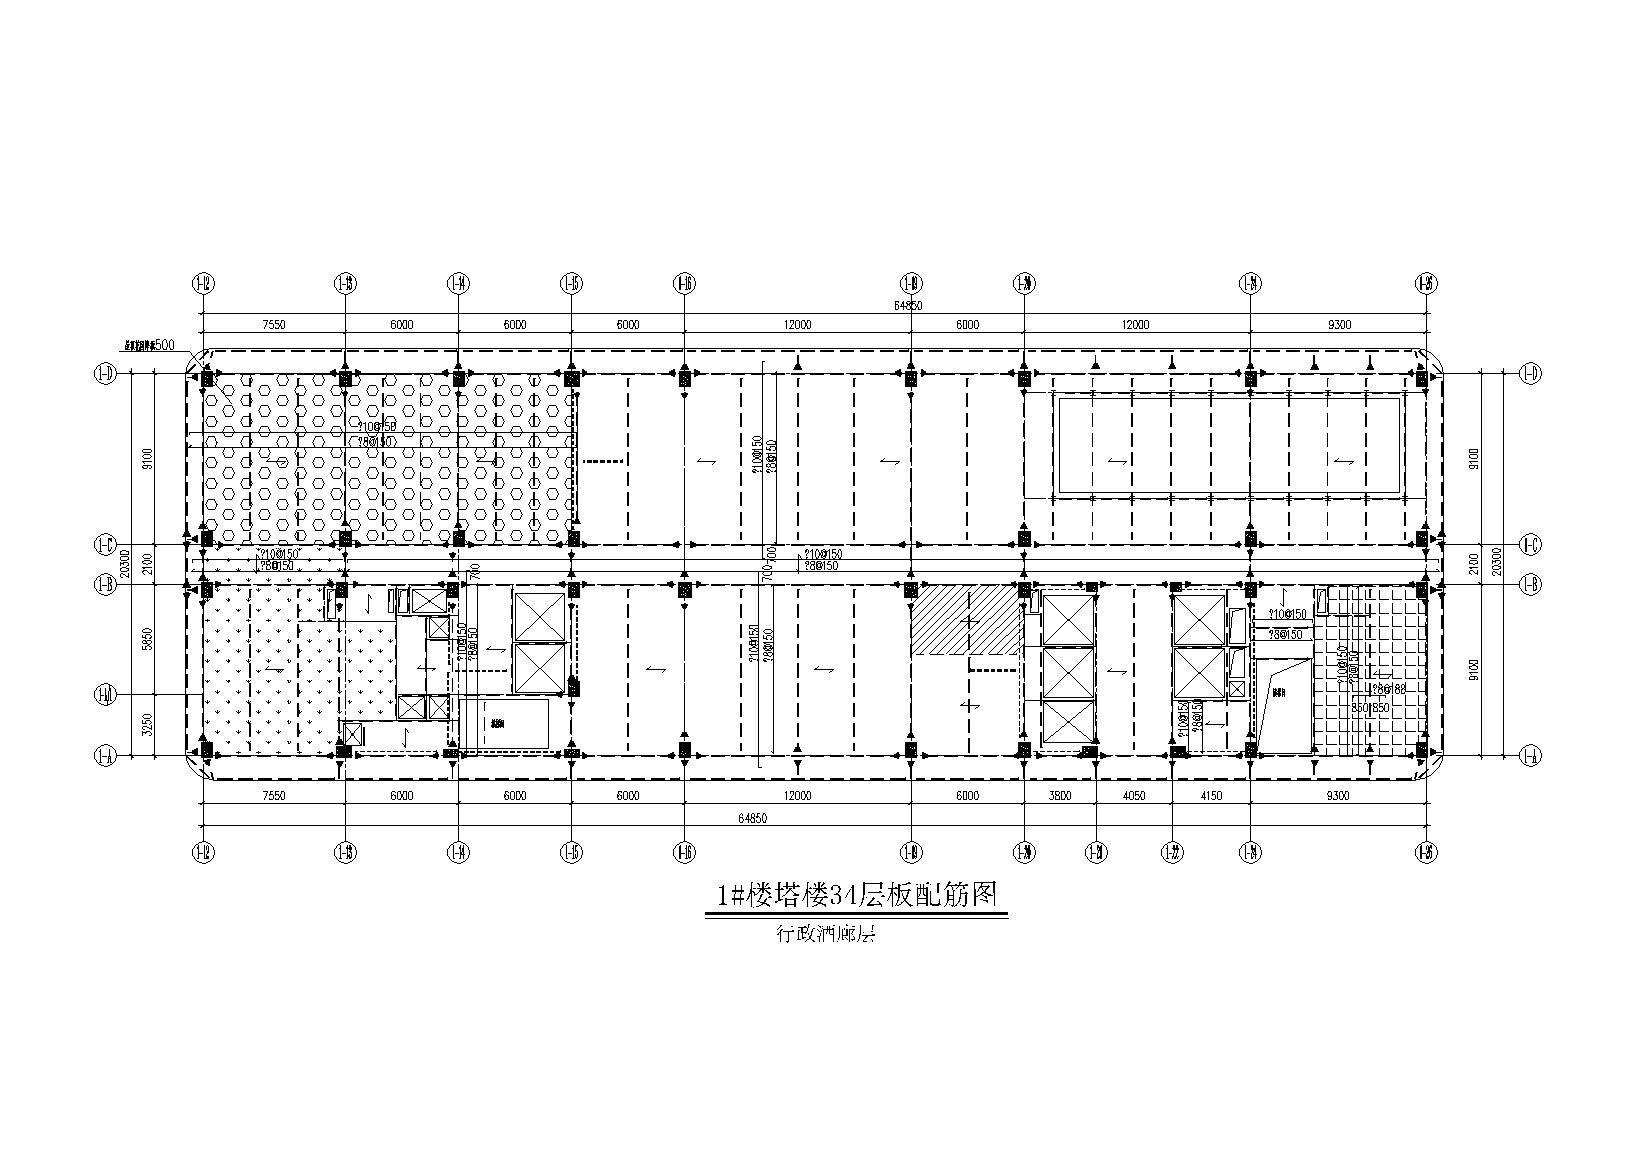 [厦门]磐基酒店(钢框架+钢支撑)全套施工图(建筑结构水暖电)